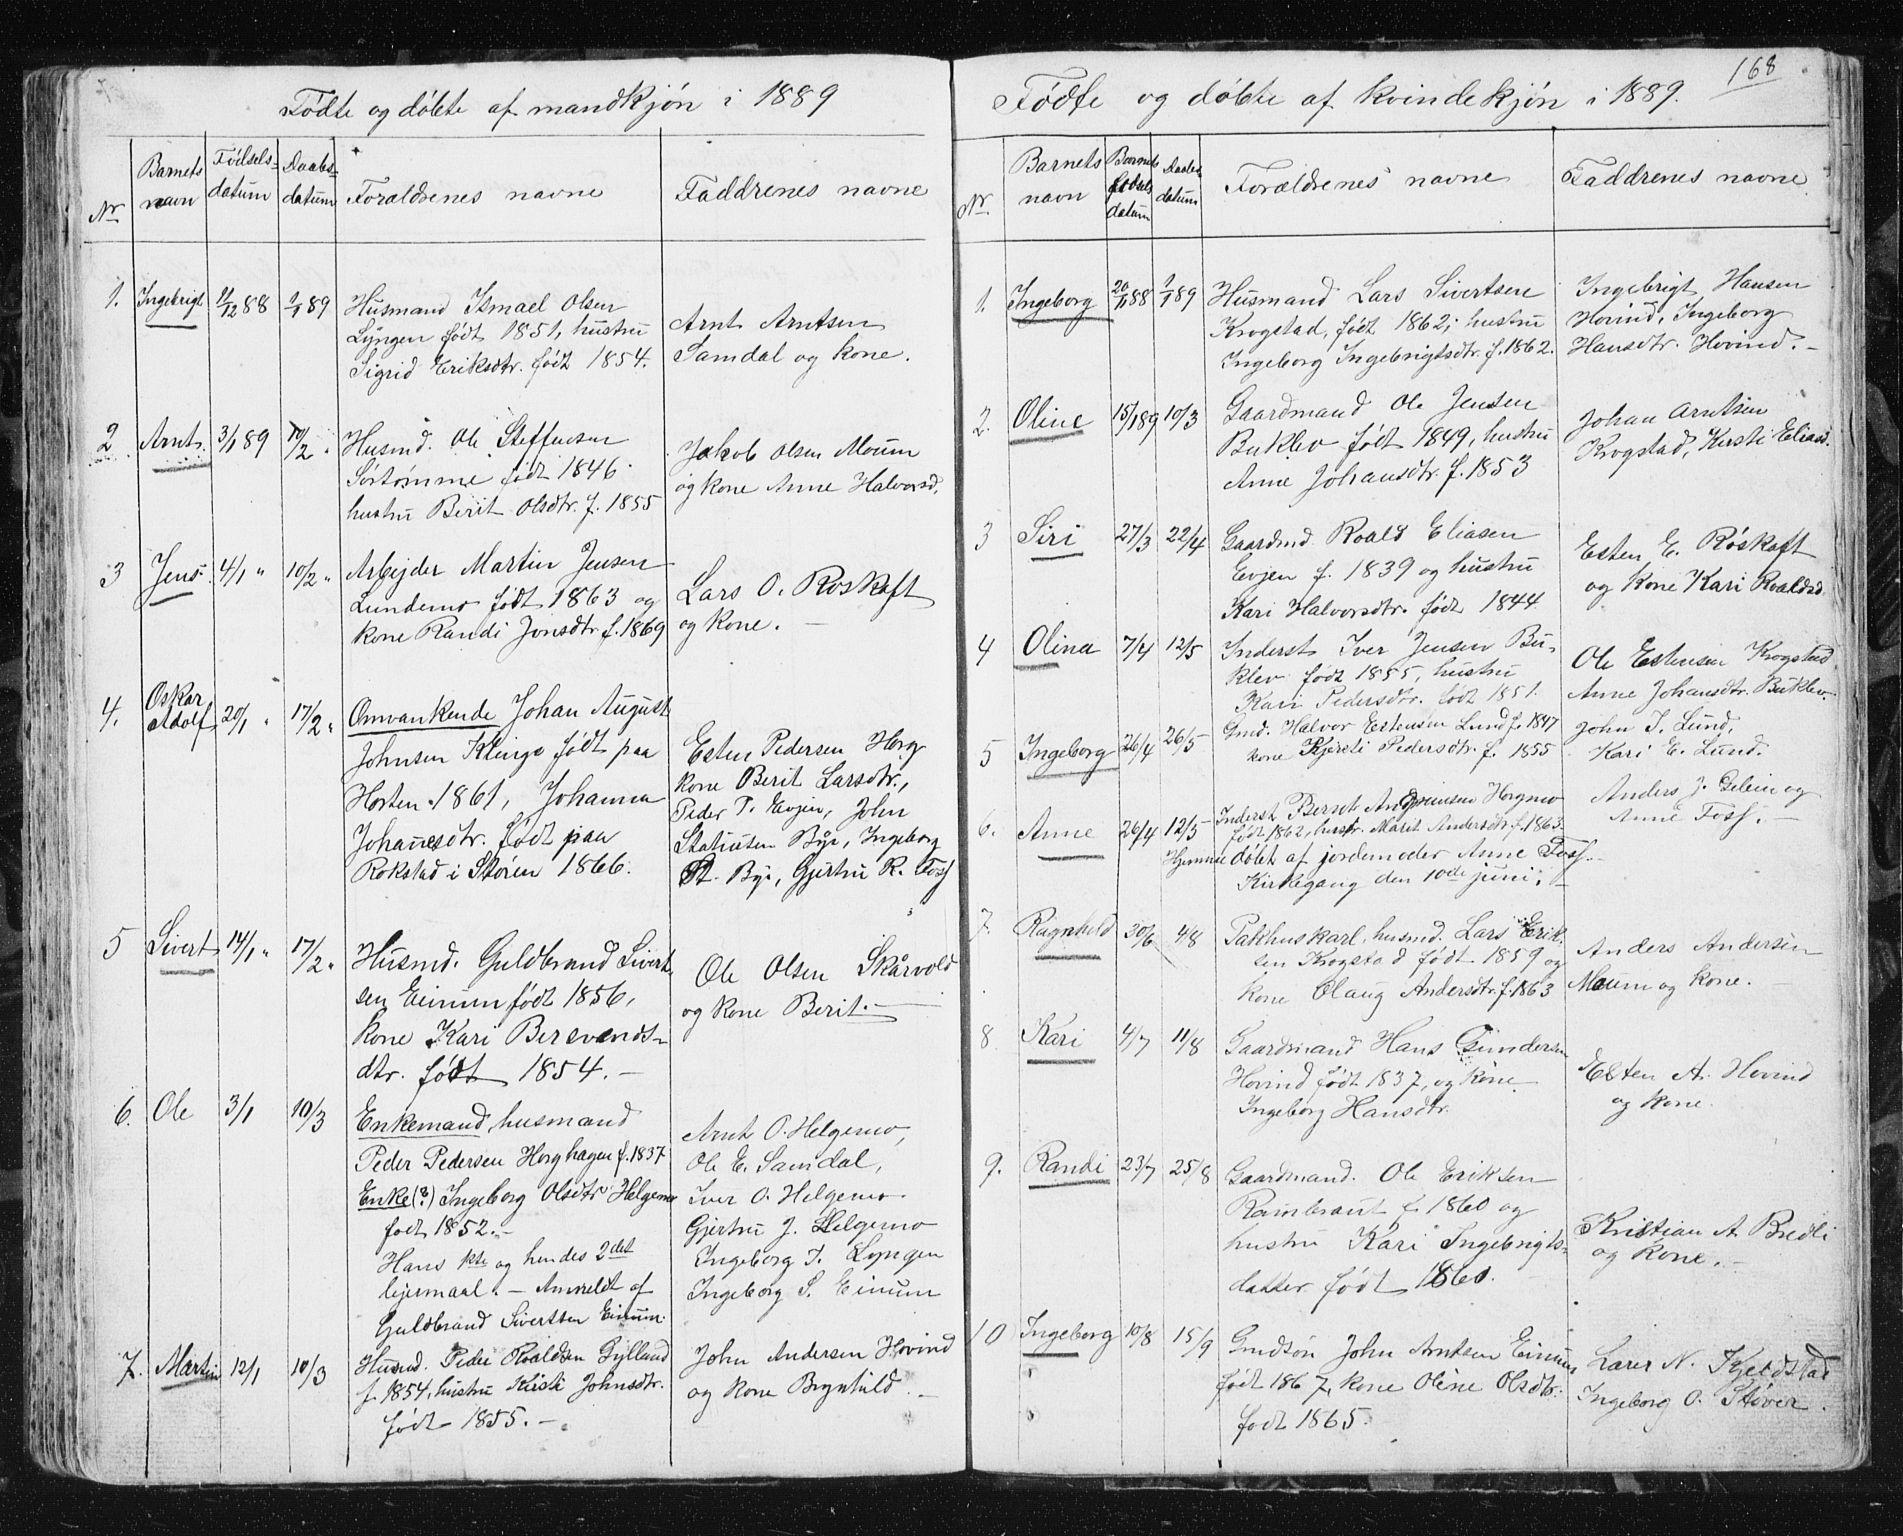 SAT, Ministerialprotokoller, klokkerbøker og fødselsregistre - Sør-Trøndelag, 692/L1110: Klokkerbok nr. 692C05, 1849-1889, s. 168